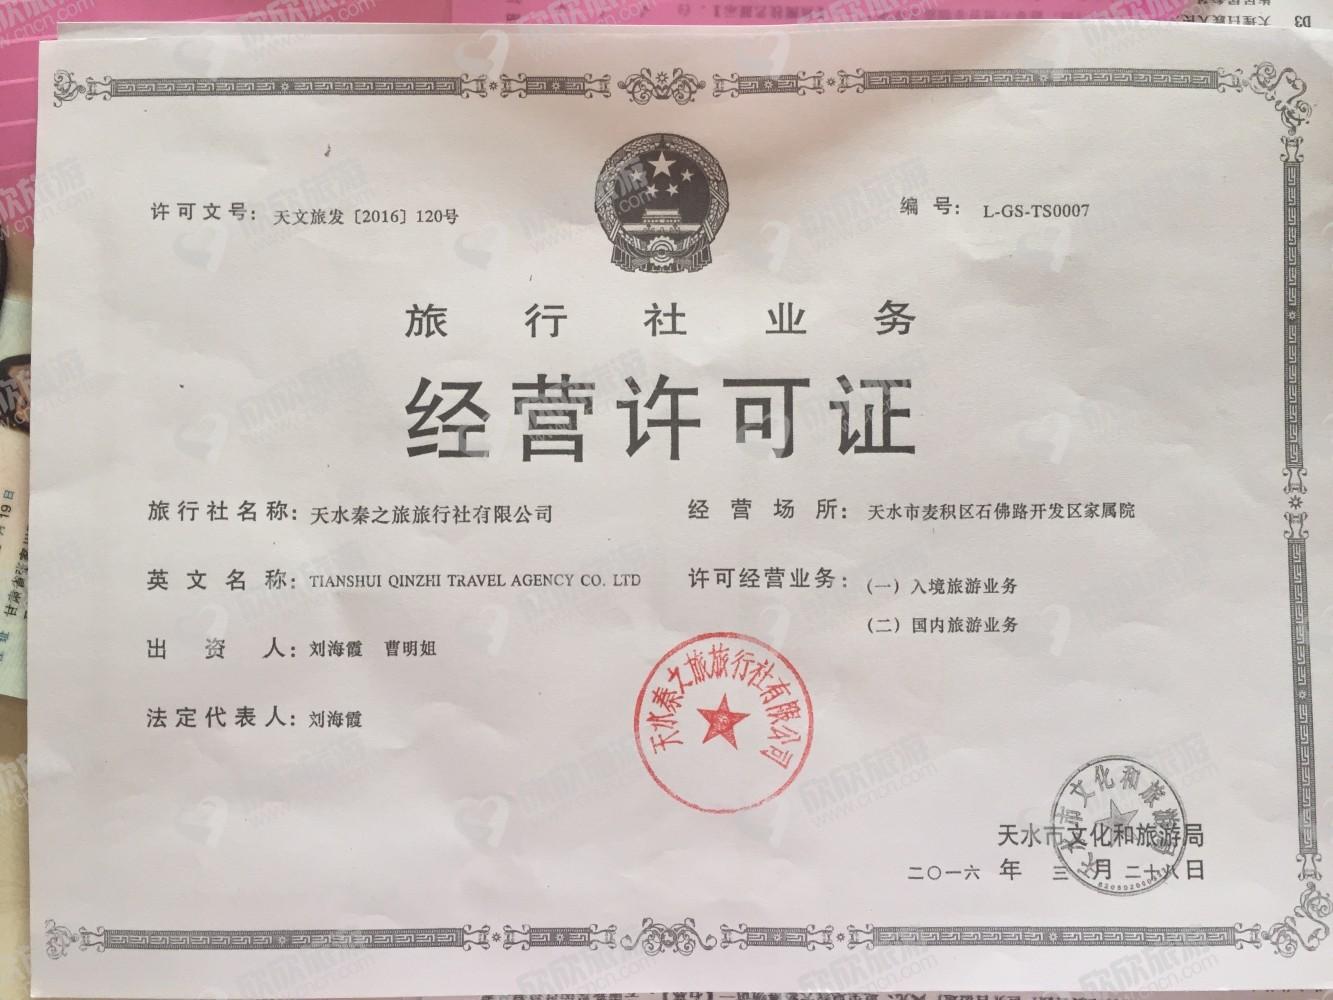 天水秦之旅旅行社有限公司经营许可证